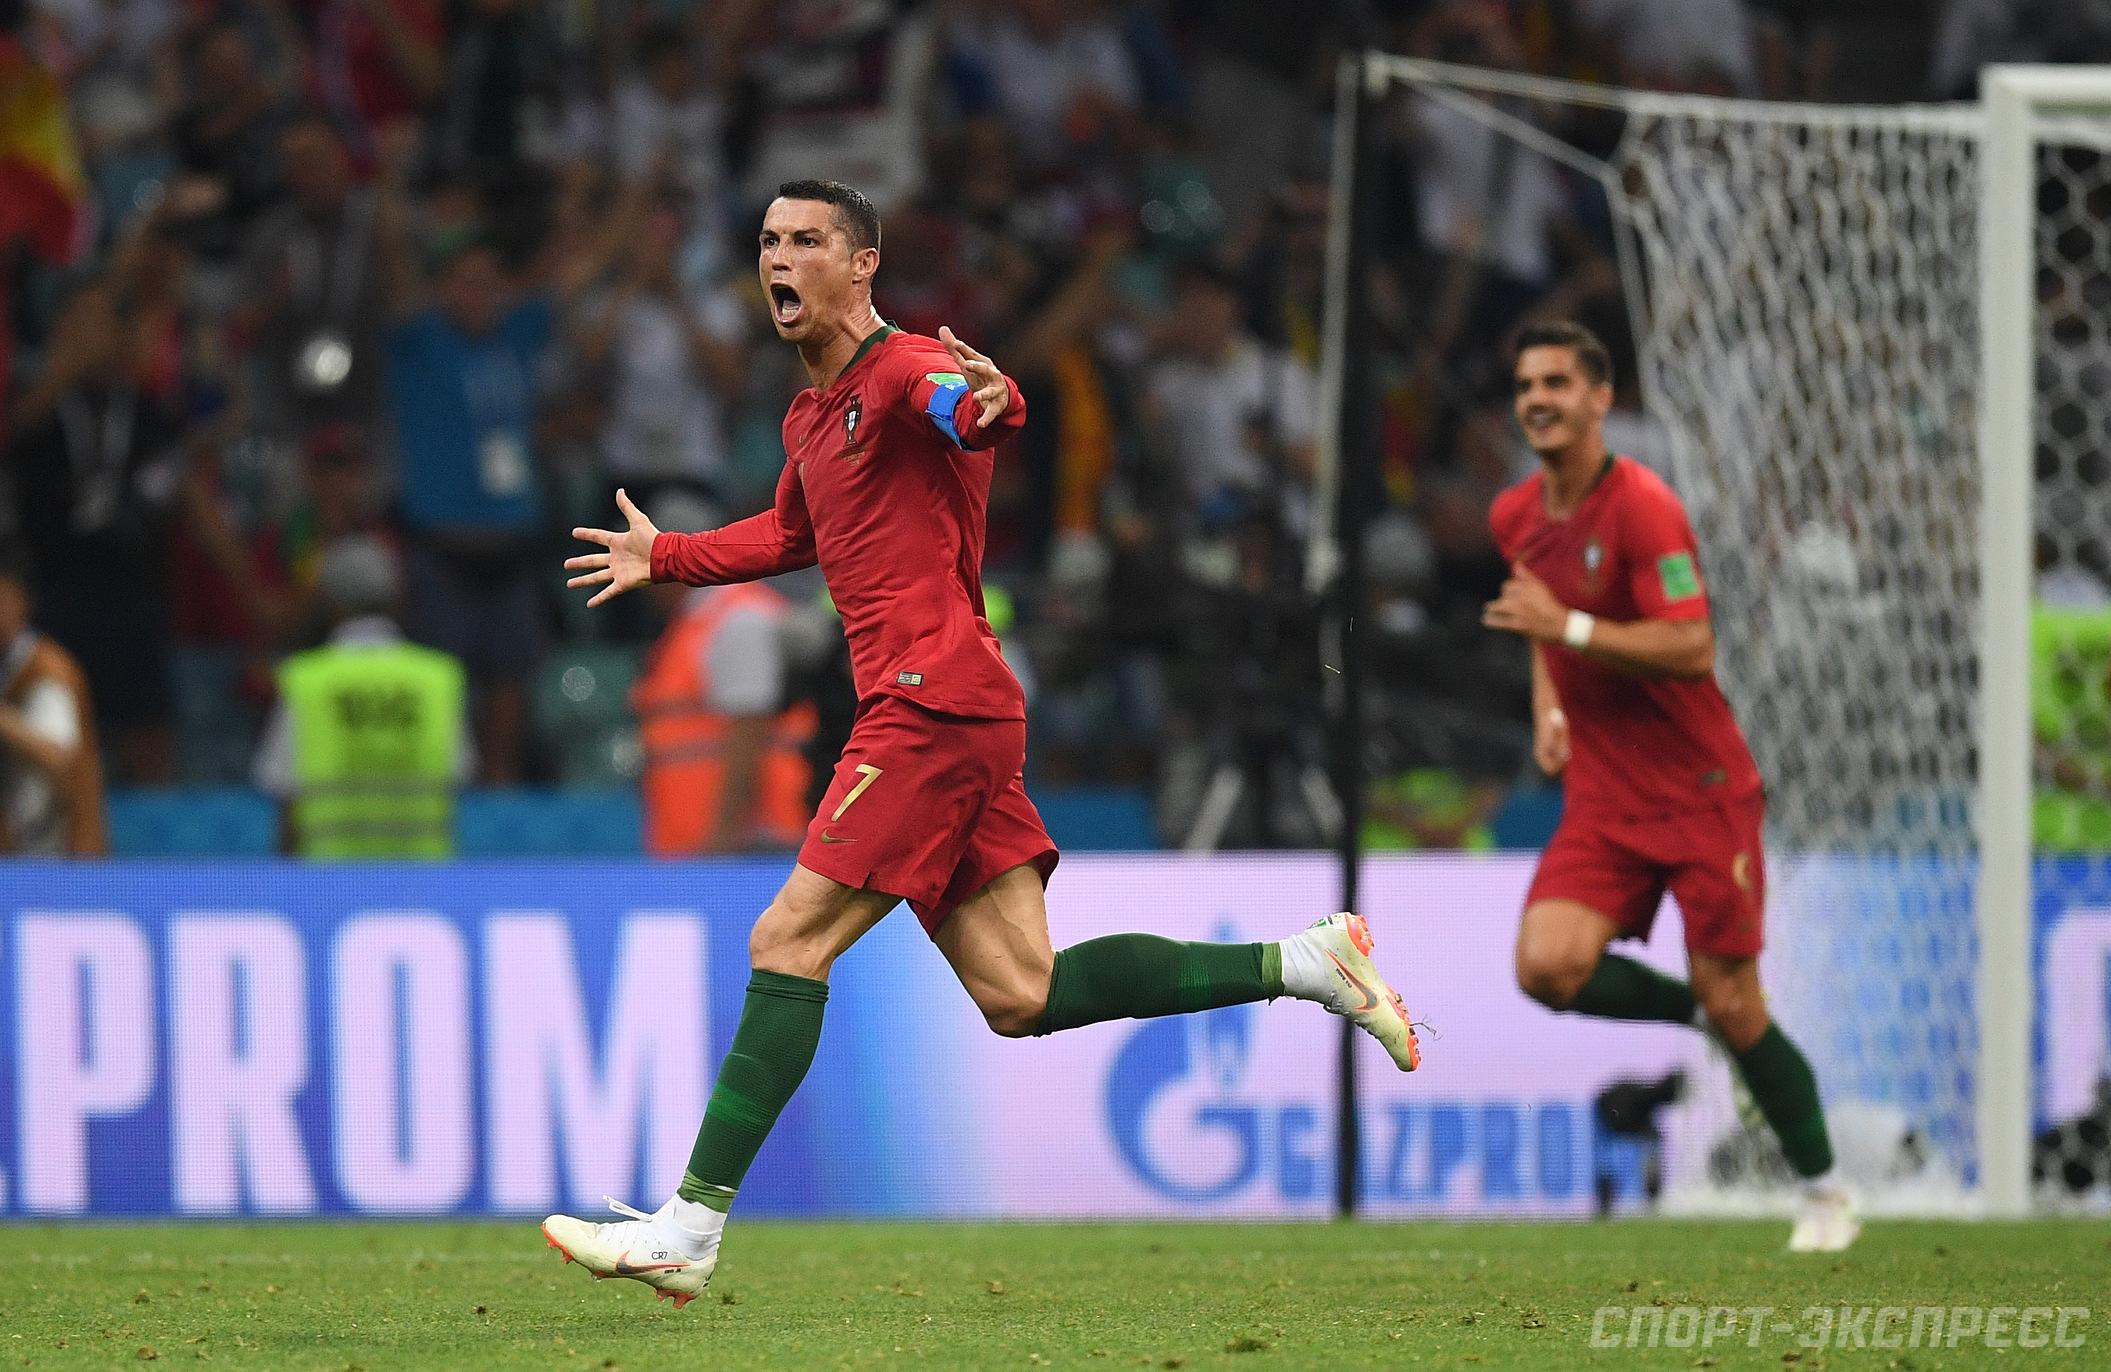 Прогноз на матч Иран - Португалия 25 июня 2018